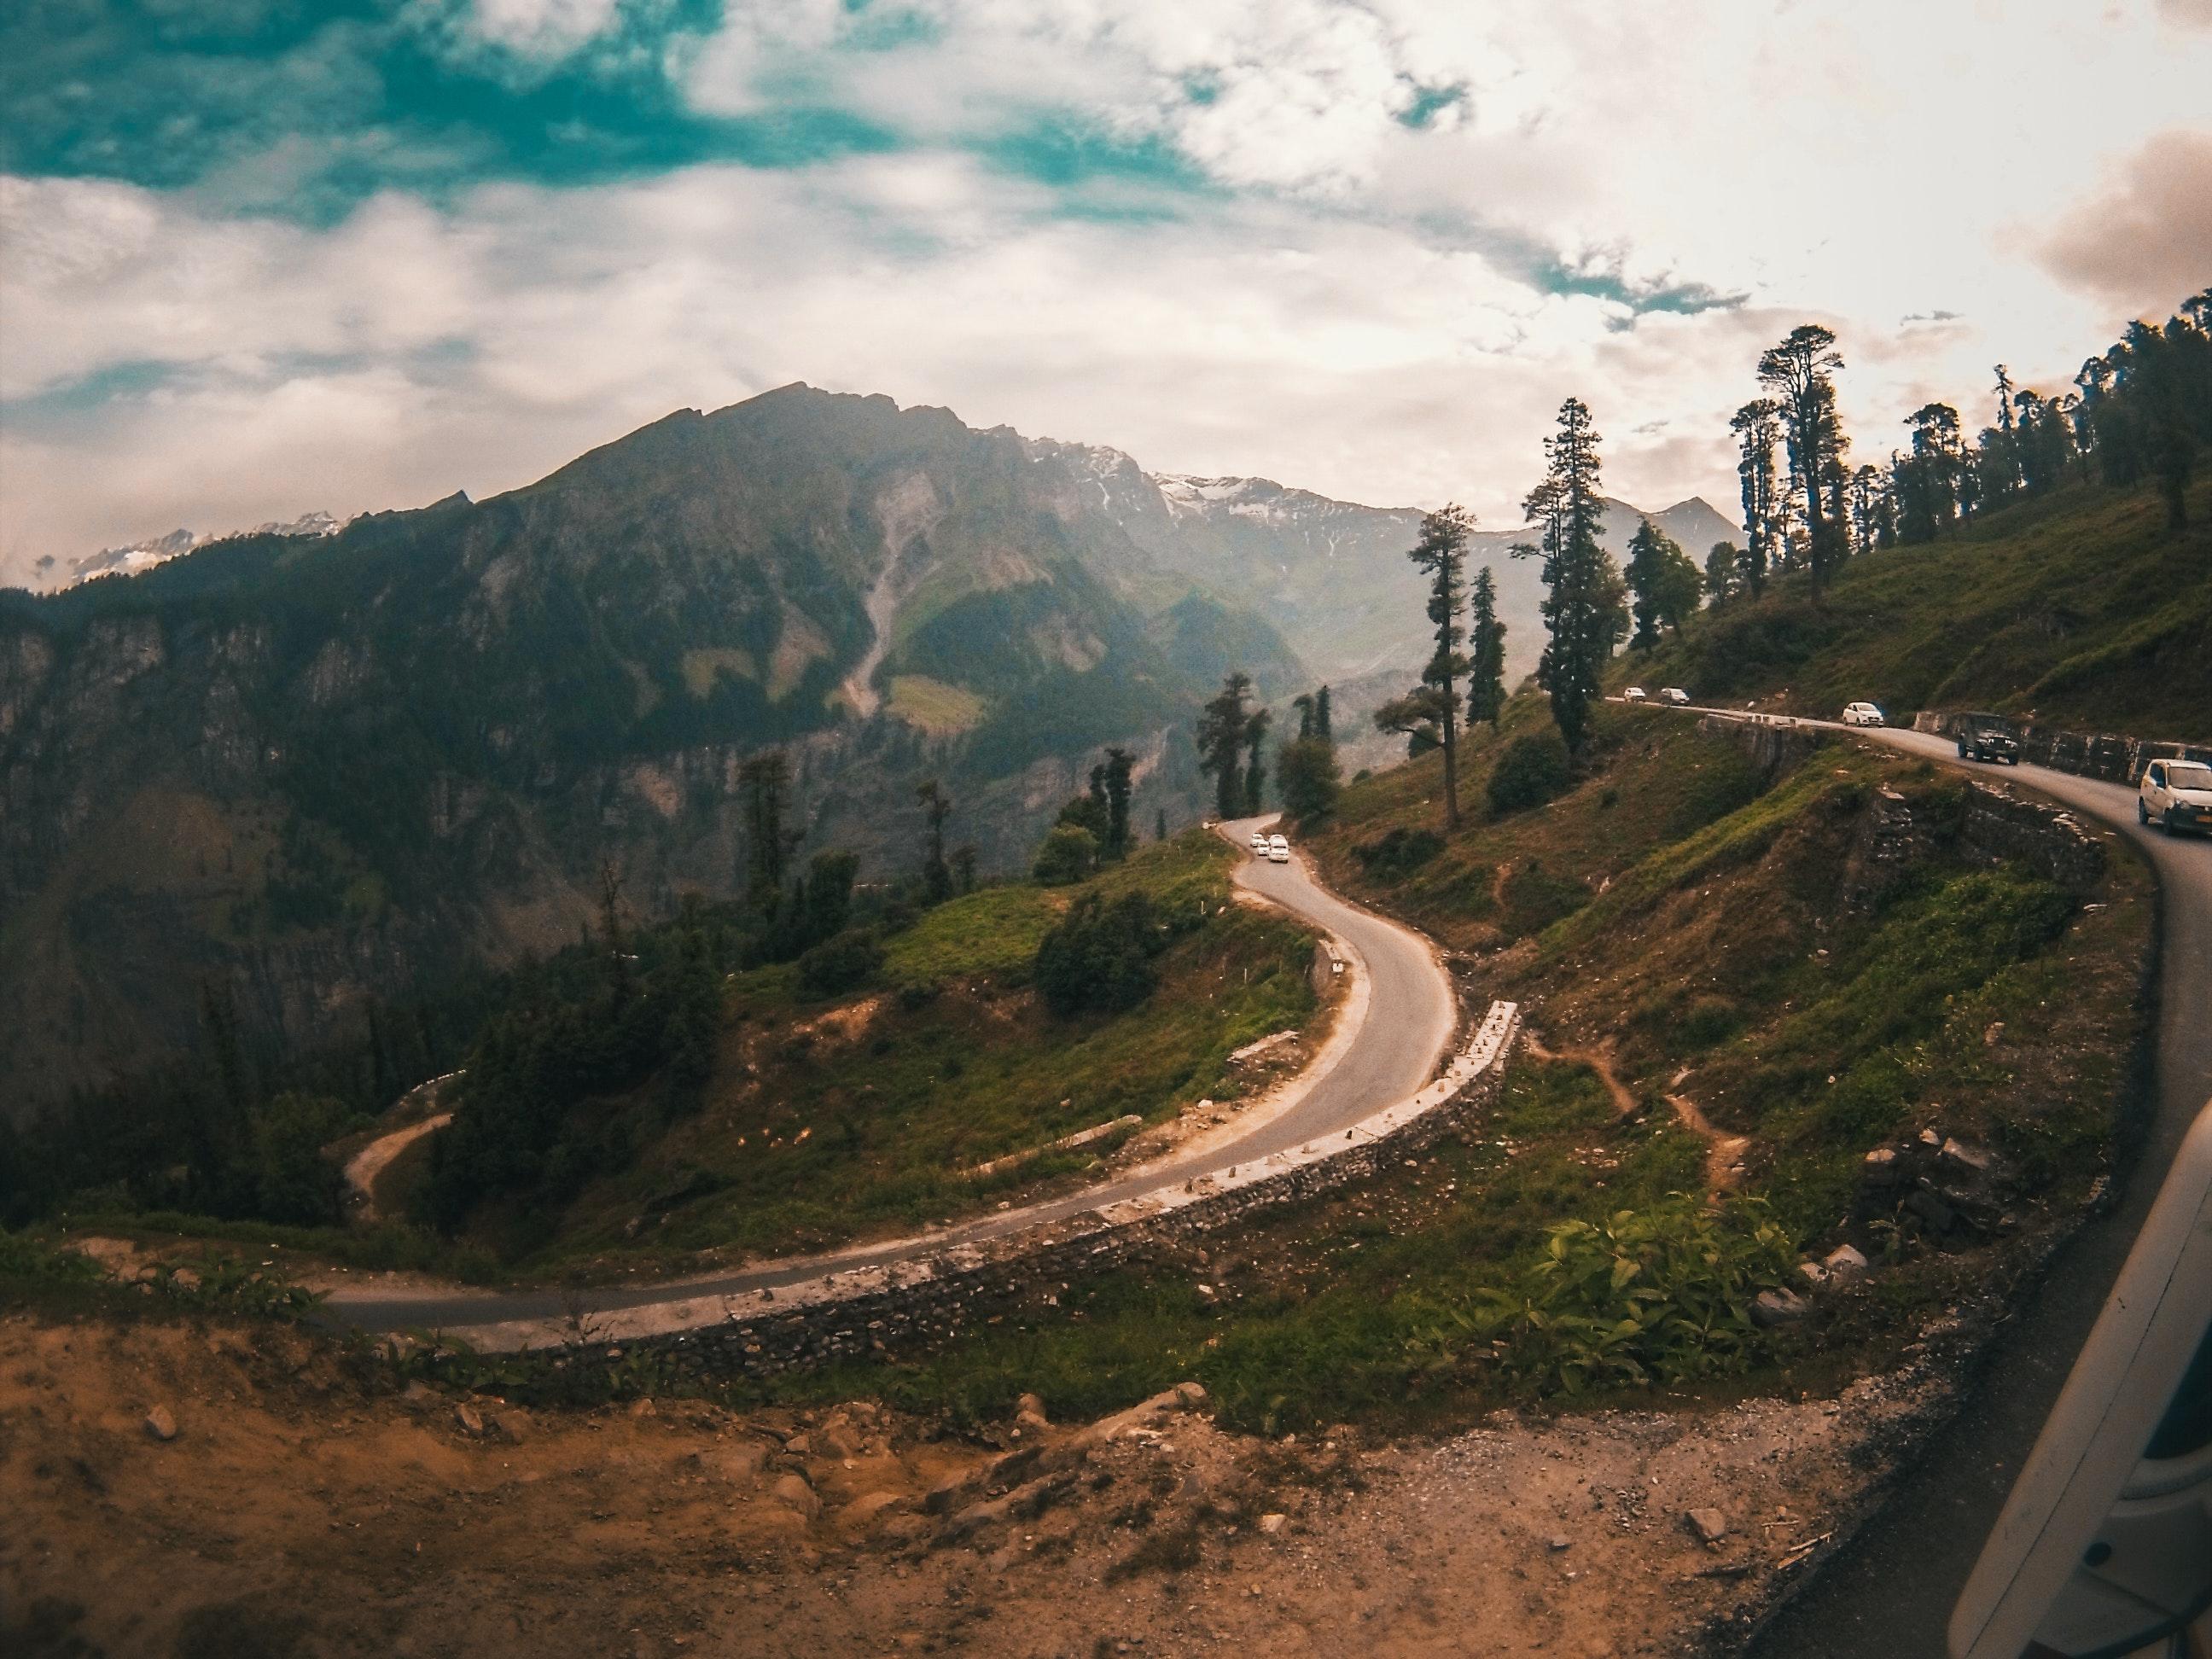 drive-landscape-mountain-1685905